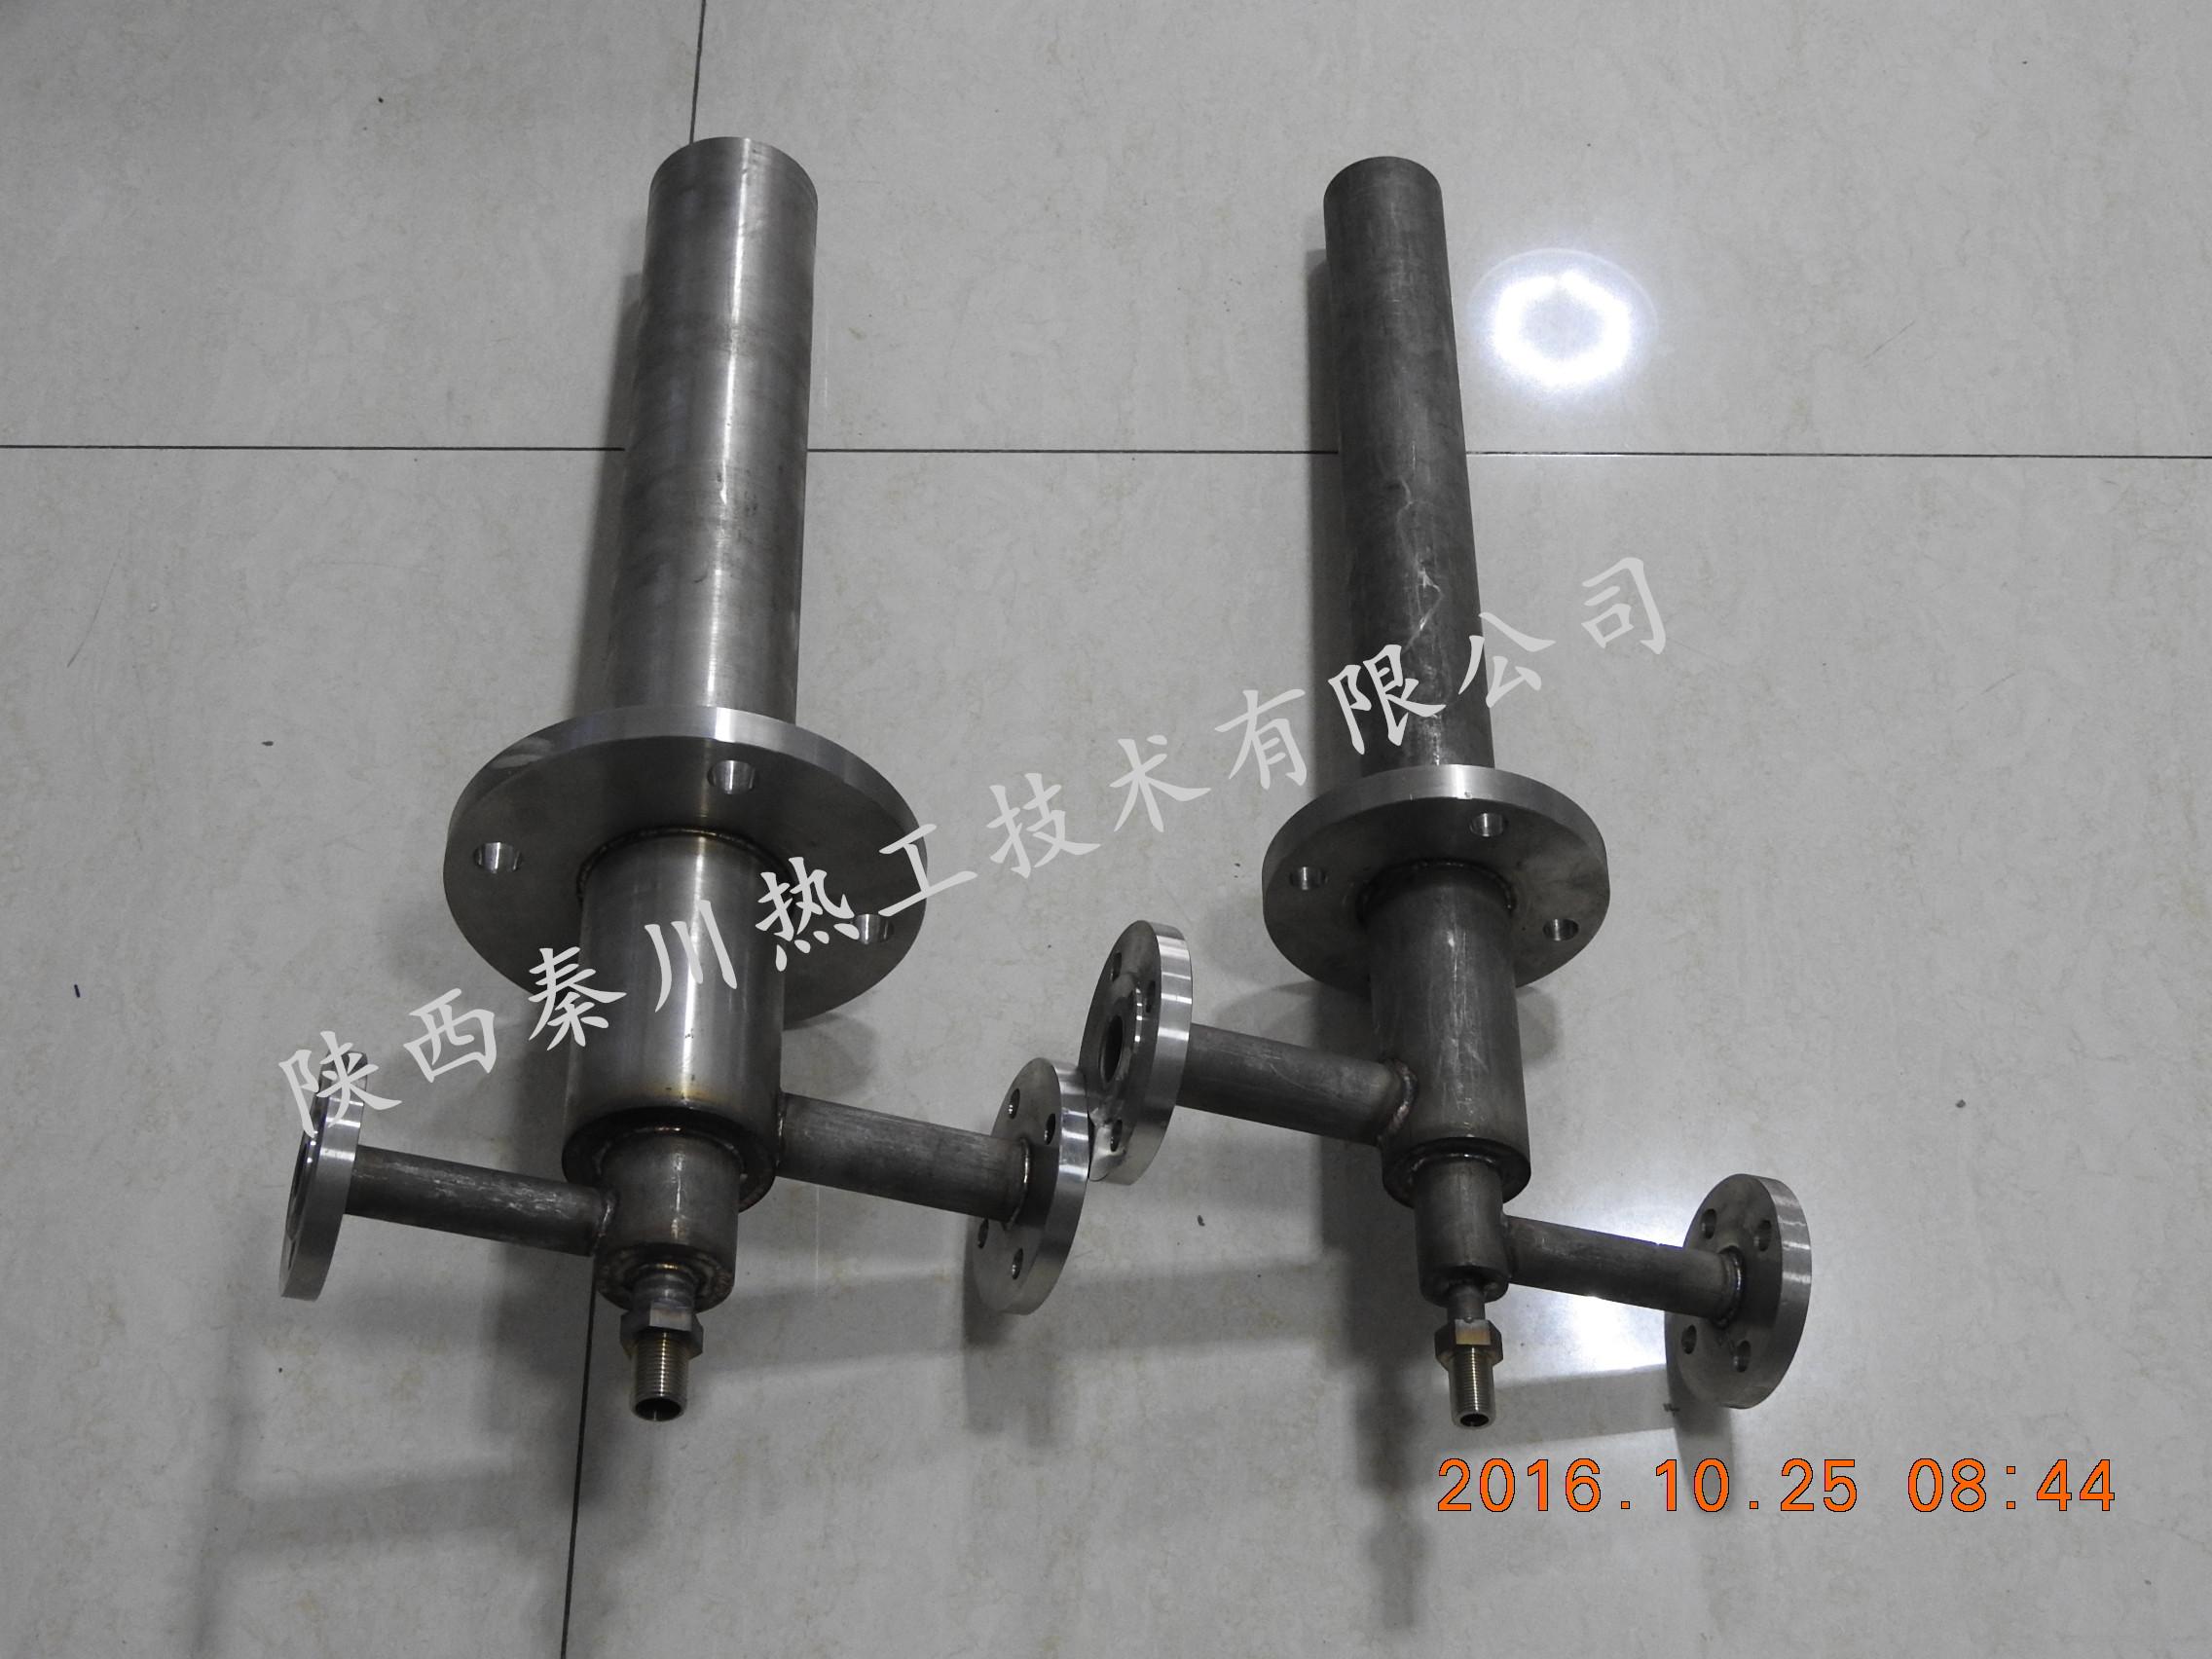 純氧燃燒器2系列_副本.jpg